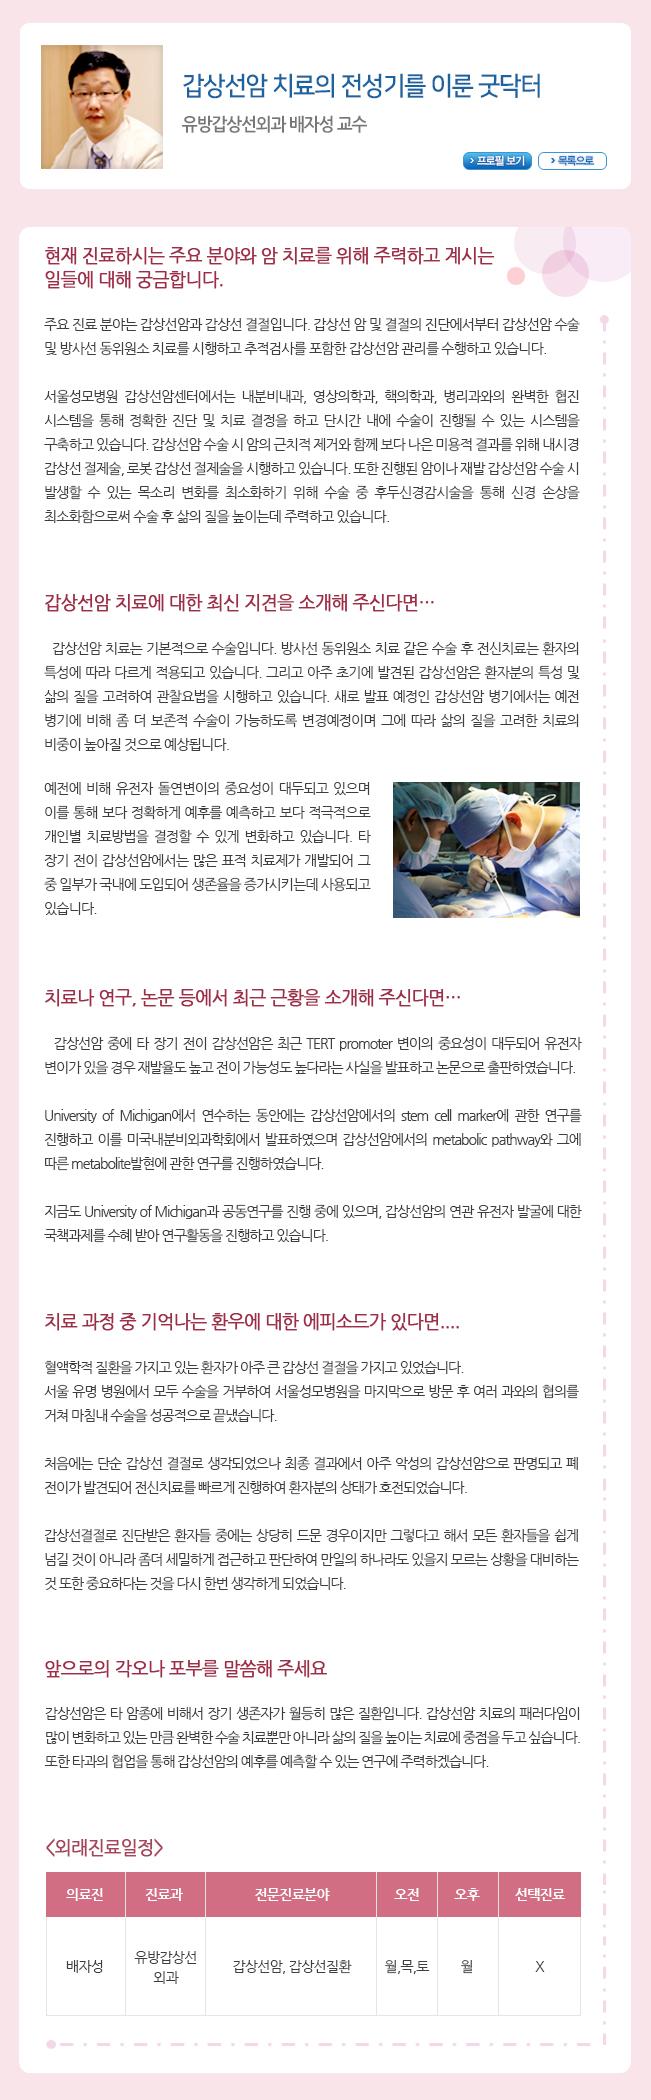 갑상선암 치료의 전성기를 이룬 굿닥터 유방갑산선외과 배자성 교수